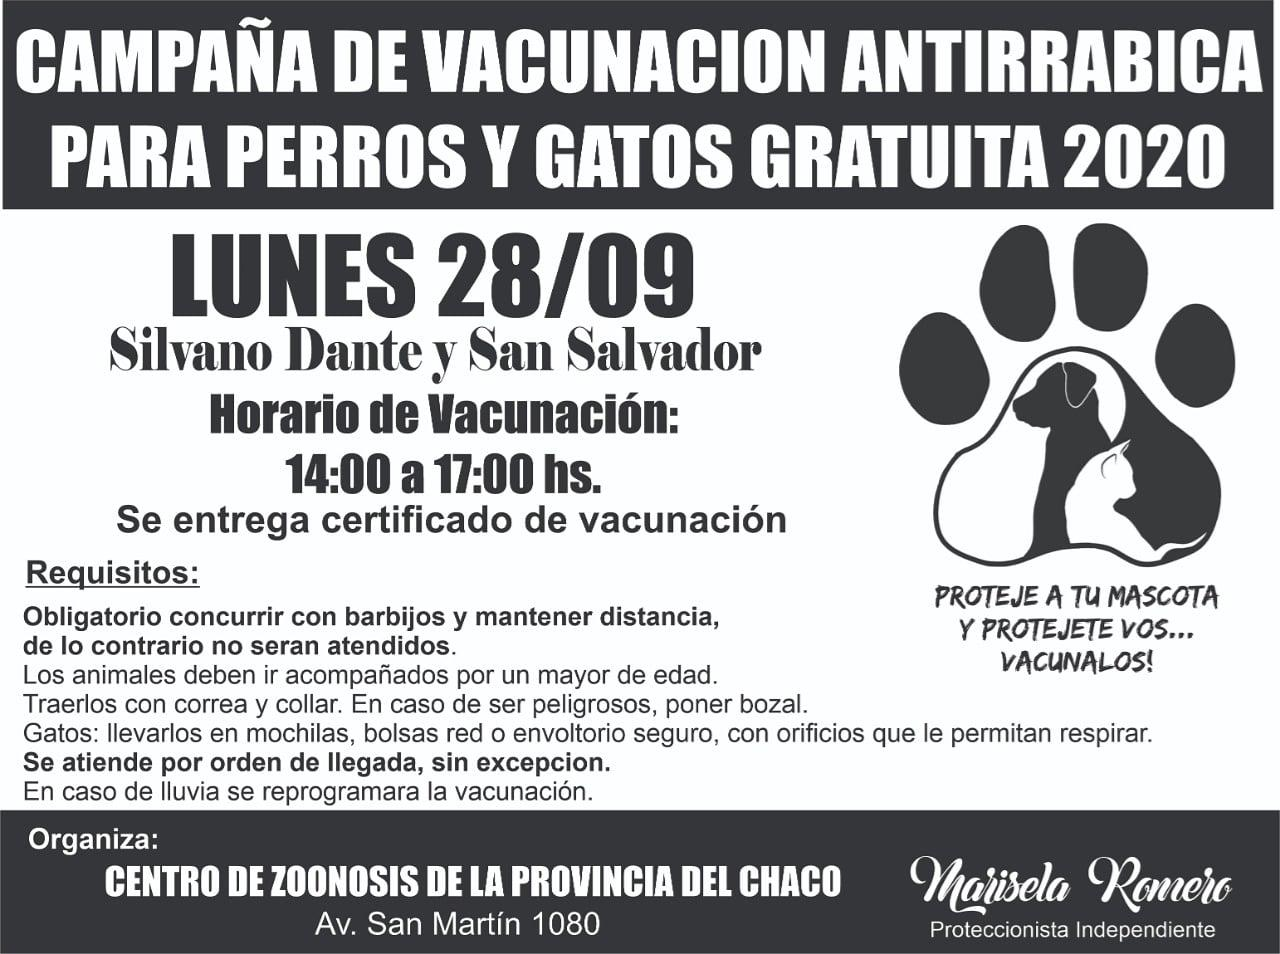 camapana-de-vacunacion-antirrabica-barrio-zampa  2020-09-28